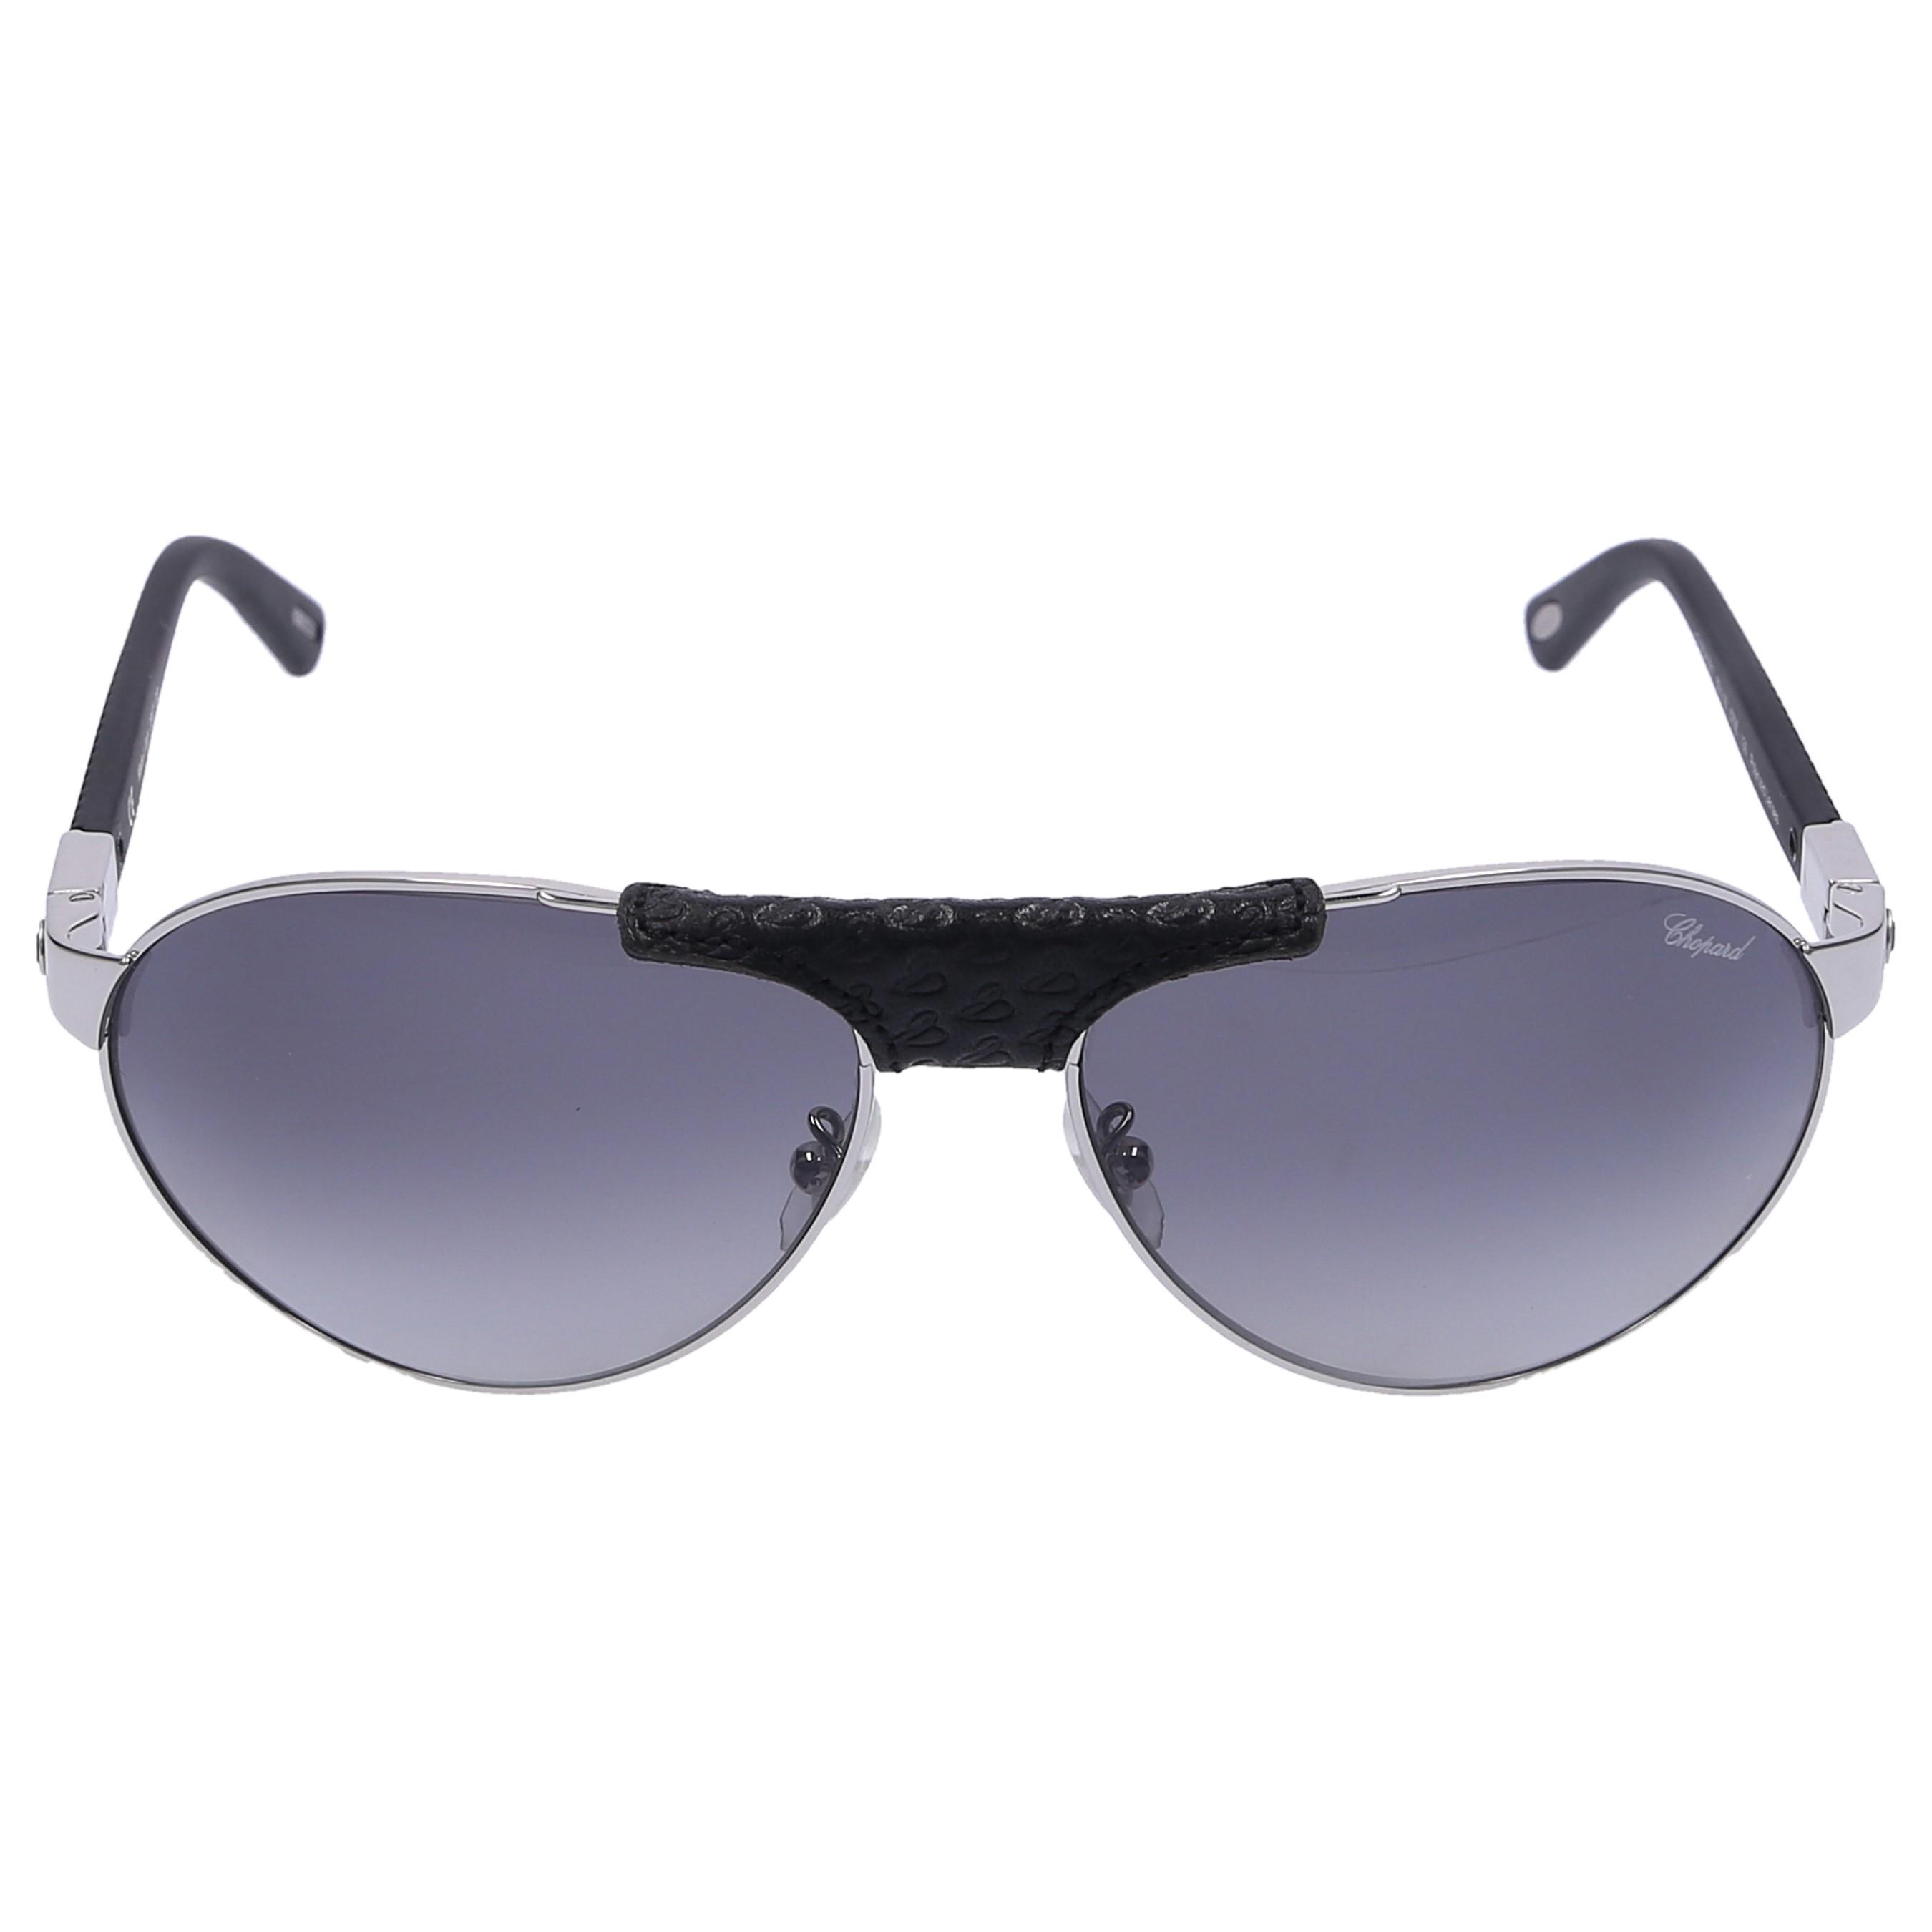 Chopard Sonnenbrille Aviator 931 579Z Metall schwarz